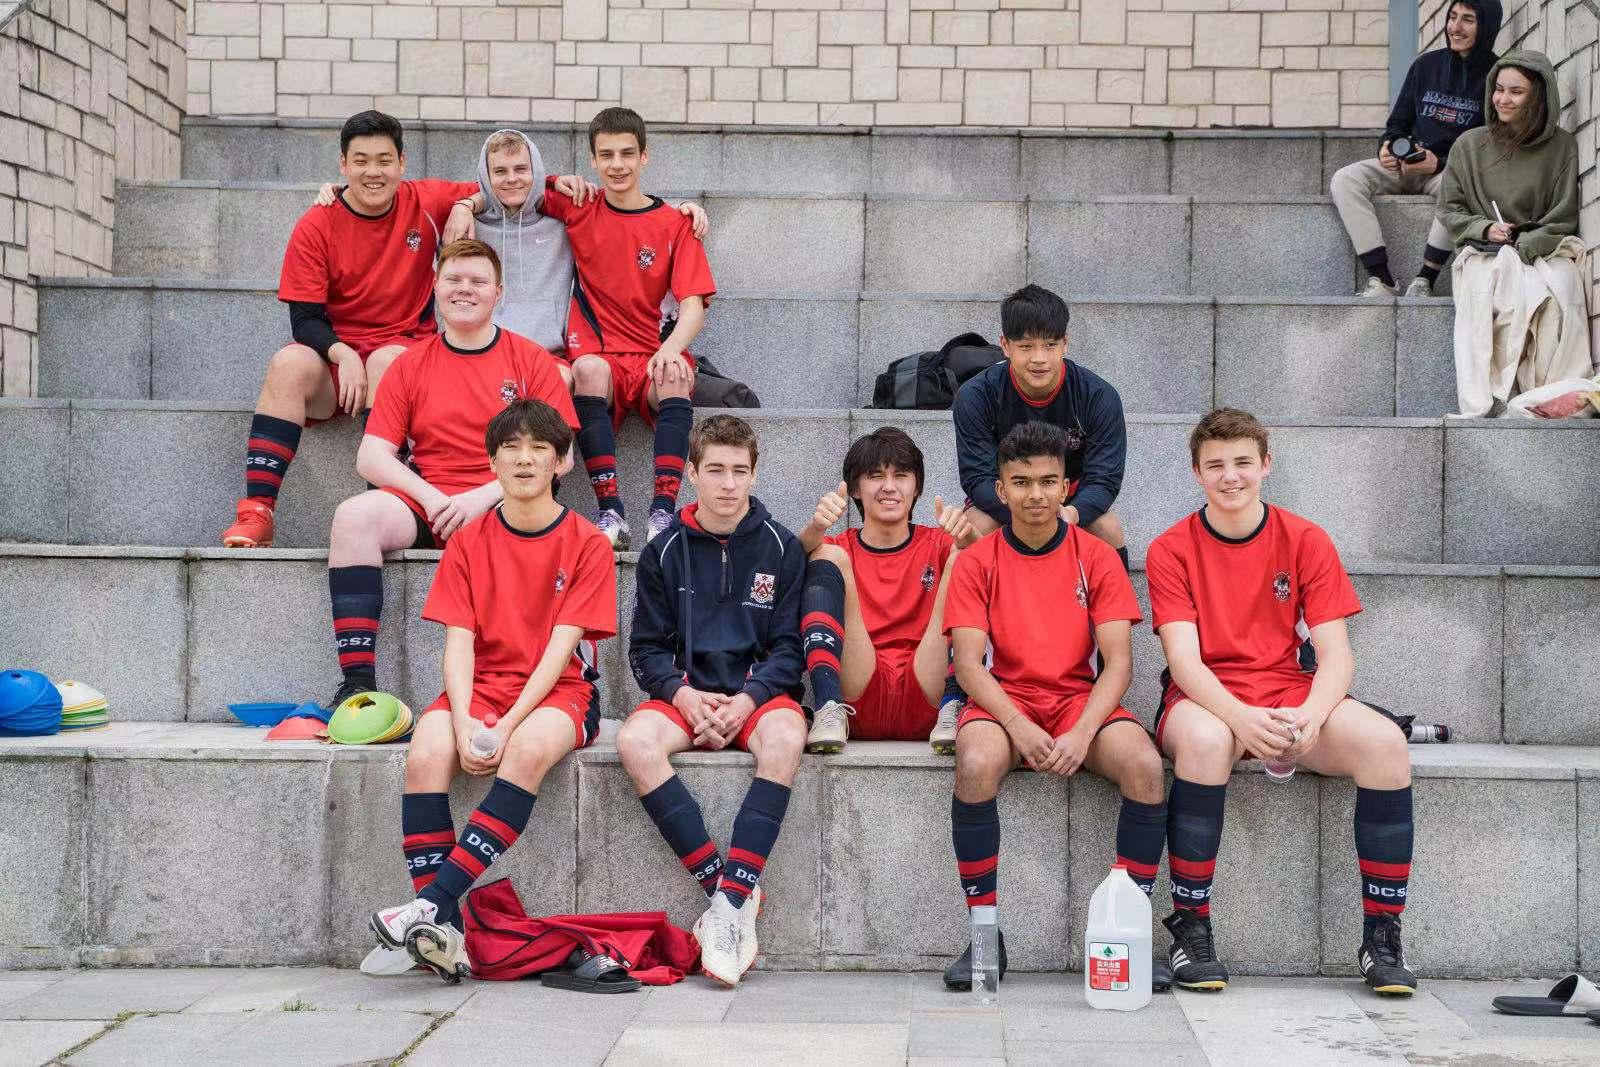 U19 boys football team